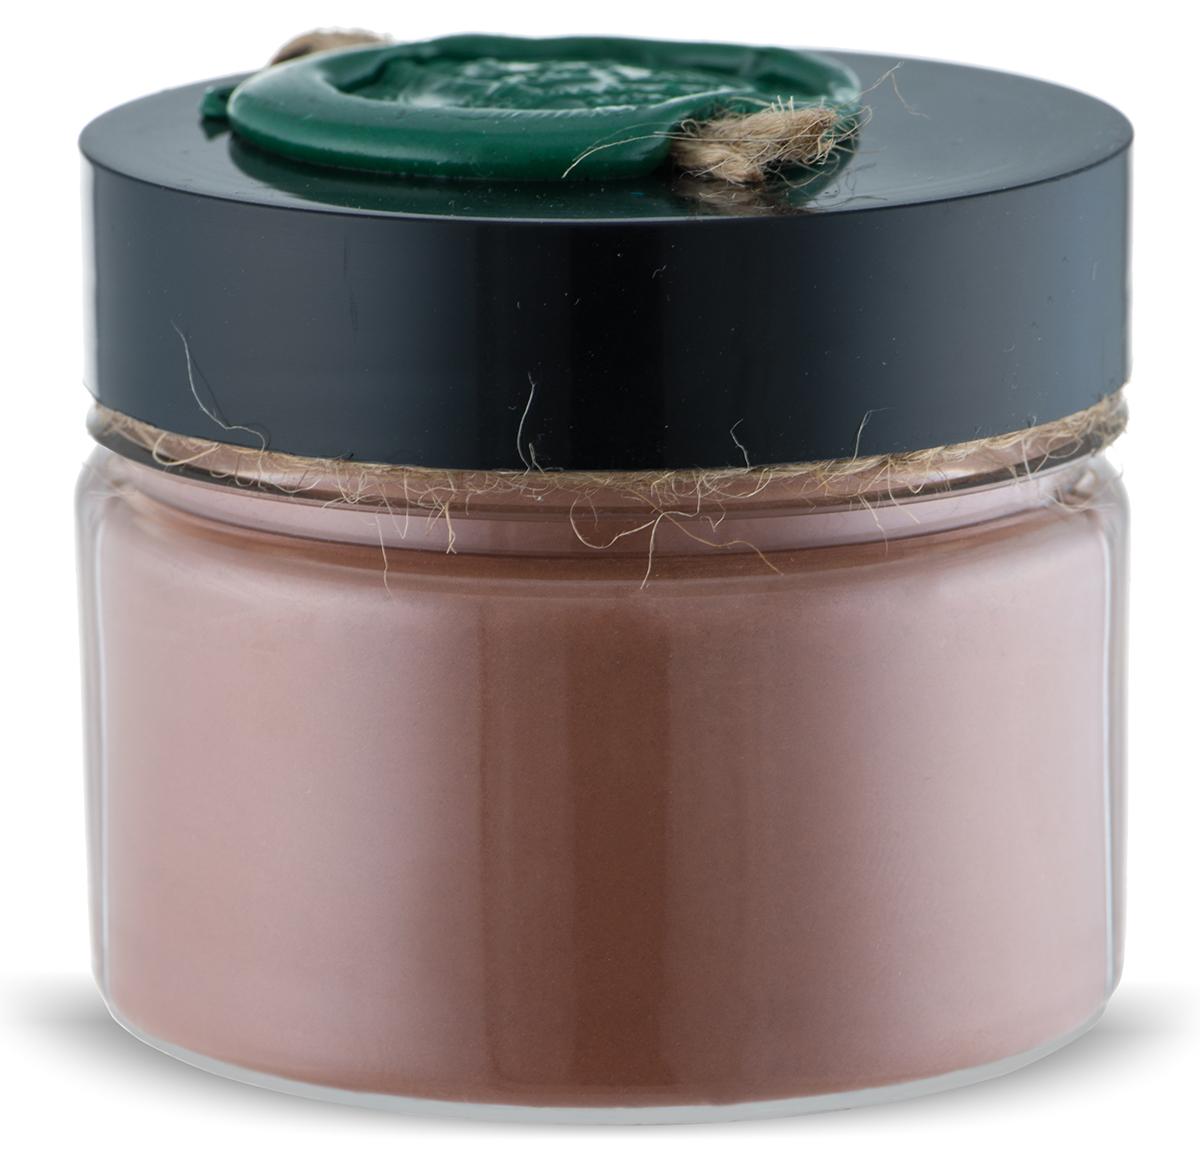 Huilargan Марокканская глина Гассул красная, 100 г2990000004611Марокканская глина гассул Huilargan – это 100% чистый и натуральный продукт, богатый железом и микроэлементами.Марокканская глина гассул активно используется в СПА процедурах для грязевых ванн и обертывания. Гассул является также идеальной маской для жирной кожи и волос. Используется как шампунь или очень мягкое мыло, так как обладает очищающим и смягчающим свойствами, впитывает излишки кожного сала. Не содержит поверхностно-активных веществ и не разрушает защитную пленку кожи или защитную оболочку волос.- Глина 100% натуральная, богатая железом и микроэлементами;- идеальное средство для ухода за чувствительной кожей;- используется как шампунь или очень мягкое мыло;- сильные абсорбирующие и адсорбирующие свойства;- глубоко и бережно очищает;- впитывает излишки кожного сала и регулирует его секрецию;- тонизирует и сужает поры;- гипоаллергенна, поэтому подходит для всех типов кожи, даже для самой чувствительной;- оживляет кожу и волосы;- обладает противоотечным и смягчающим действием;- помогает избавиться от перхоти.Рецепты:Маска для сухой кожиДля этого рецепта вам понадобится:- 2 столовые ложки глины гассул;- 3-4 чайных ложки воды цветков апельсина (можно использовать минеральную воду);- 1 столовая ложка арганового масла.Хорошо перемешайте все компоненты до образования густой однородной пасты.Нанесите маску на кожу лица, избегая чувствительной области вокруг глаз.Оставьте на 15 минут. Смойте маску теплой водой.Маска для жирной кожиАналогично маски для сухой кожи, просто замените аргановое масло лимонным соком.Маска для жирных волосДля этого рецепта вам понадобится:- 2 столовые ложки глины гассул;- теплая вода;- лимонный сок.Смешайте глину гассул с теплой водой (смесь должна иметь вязкость как шампунь).Нанесите по всей длине волос и на кожу головы и помассируйте. Оставьте маску на пятнадцать минут. Затем тщательно промойте волосы водой, добавив лимонный сок в последнюю воду для ополаскивания. Такая маска –